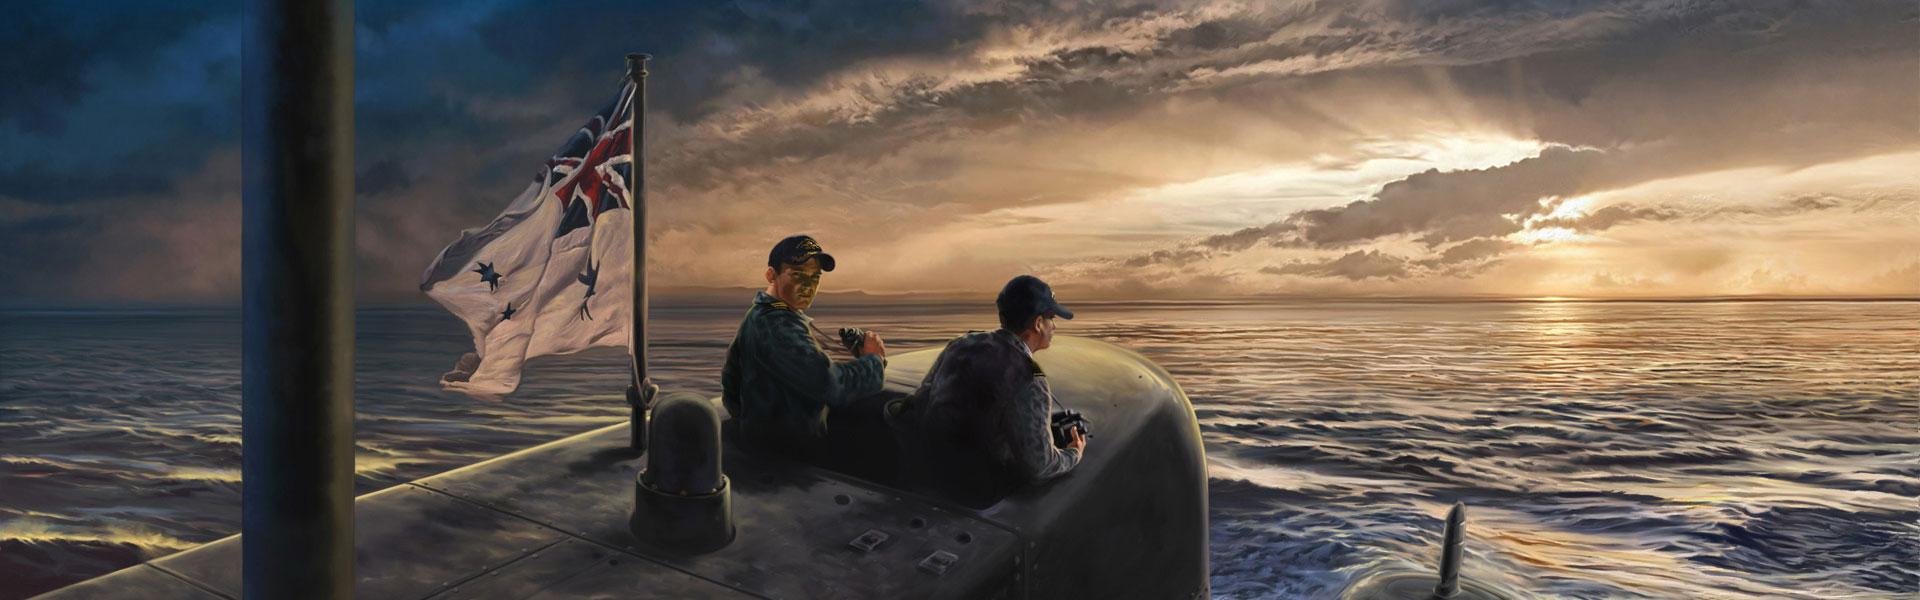 HMAS-Dechaineux-Collins-Class-slider